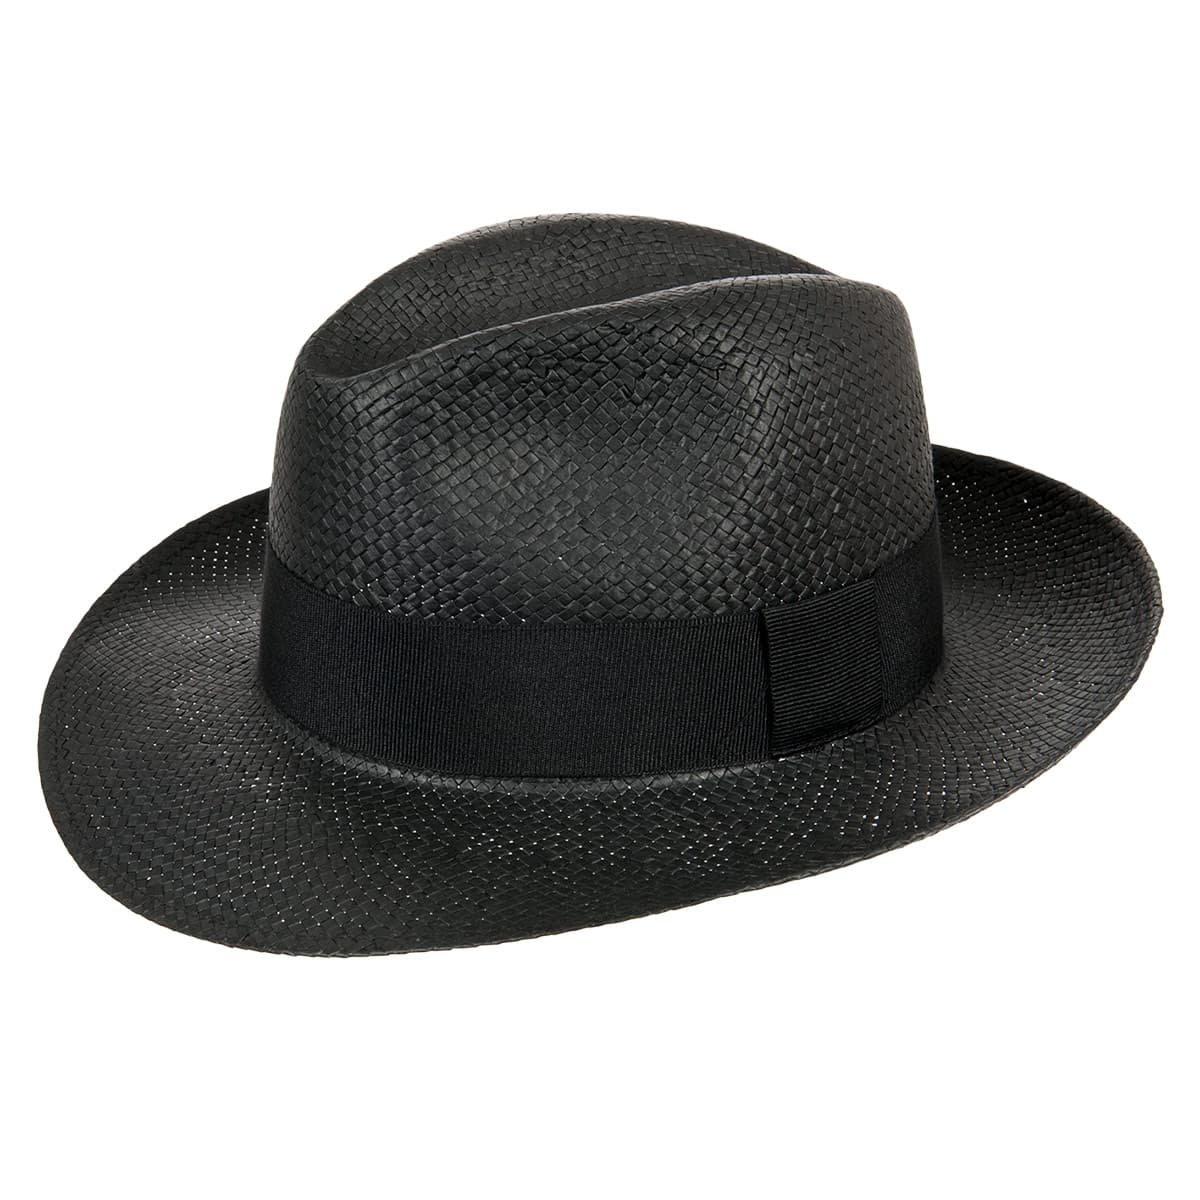 Cappello in paglia con fascia nera firmato HUTTER ... 221a24eb838f